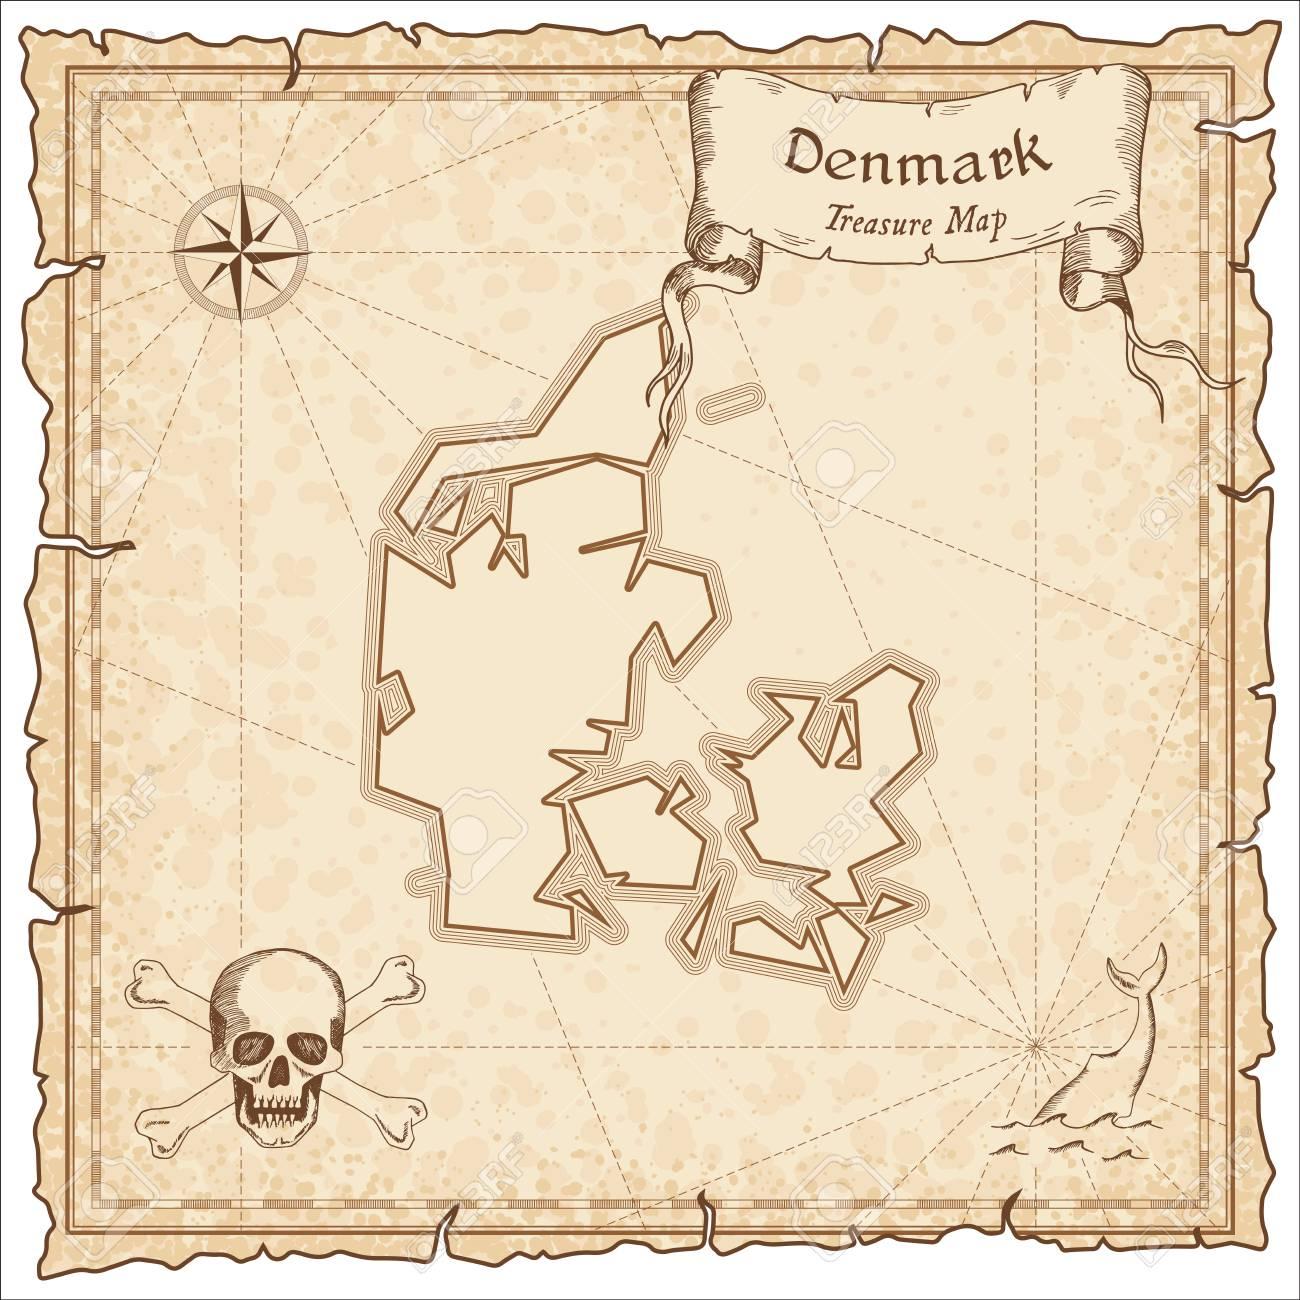 Favorit Dänemark Alte Piraten Karte. Sepia Gravierte Vorlage Der BY99